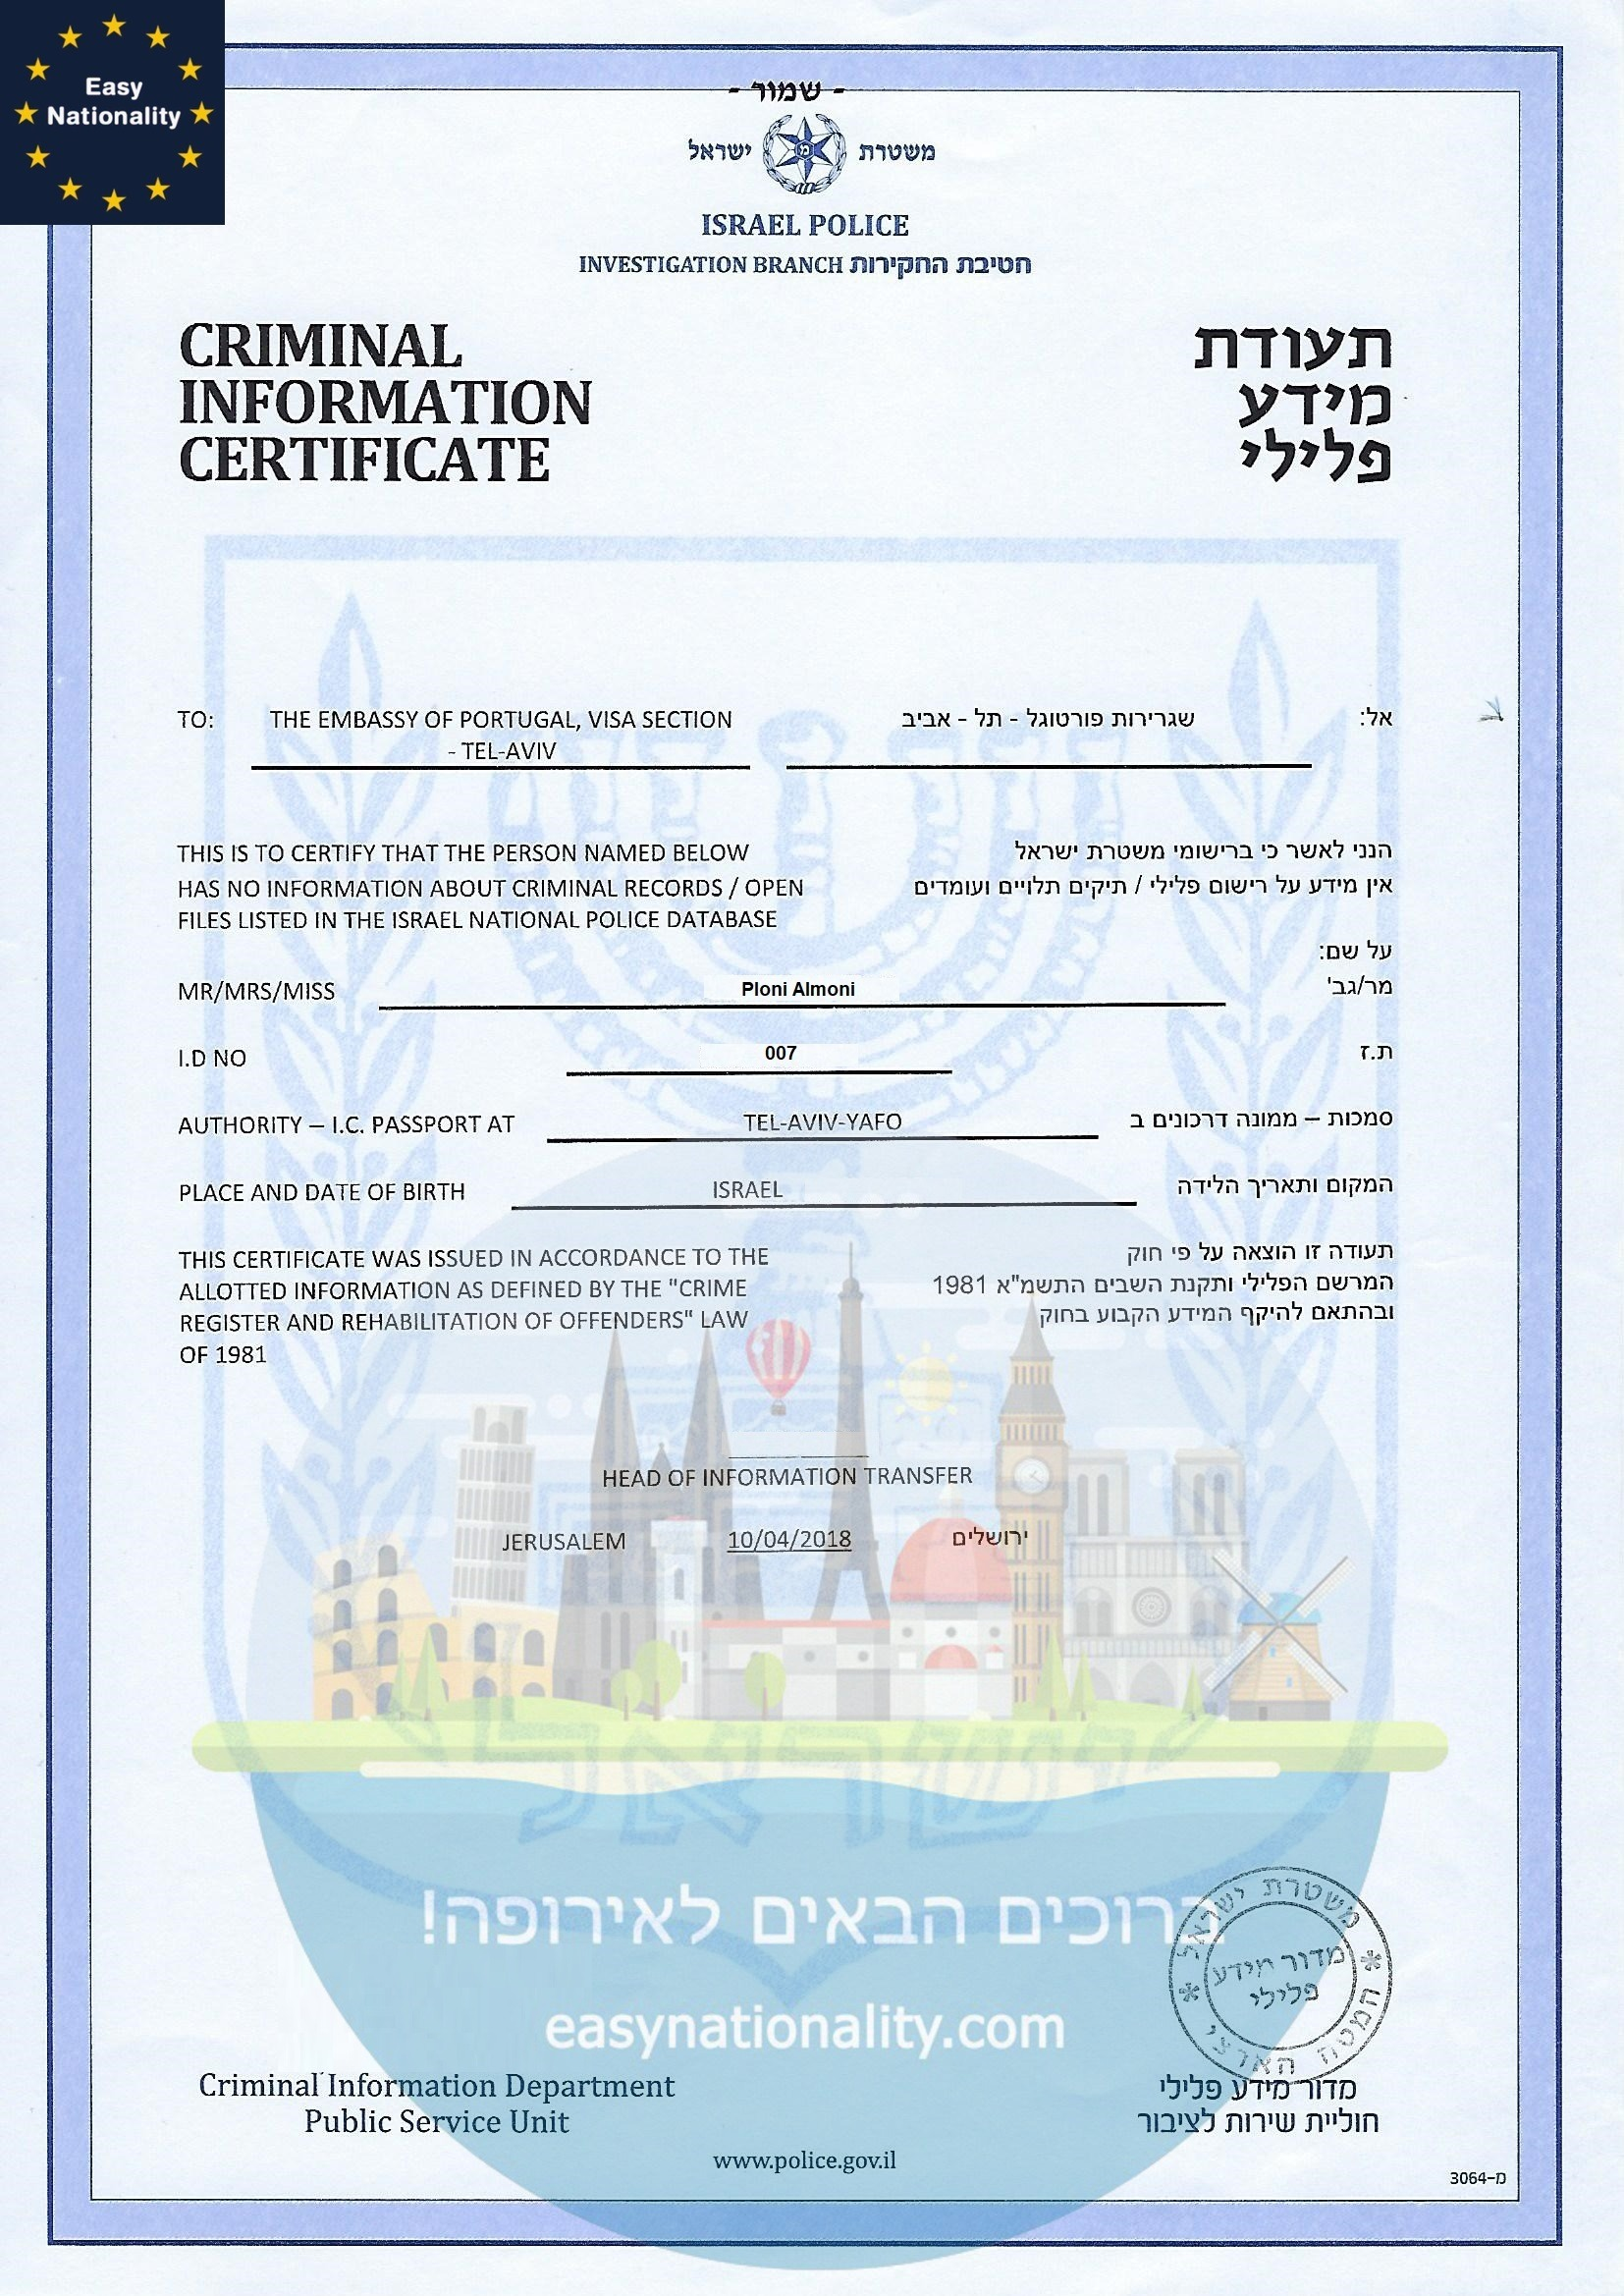 תעודת יושר משטרת ישראל ושגרירות פורטוגל